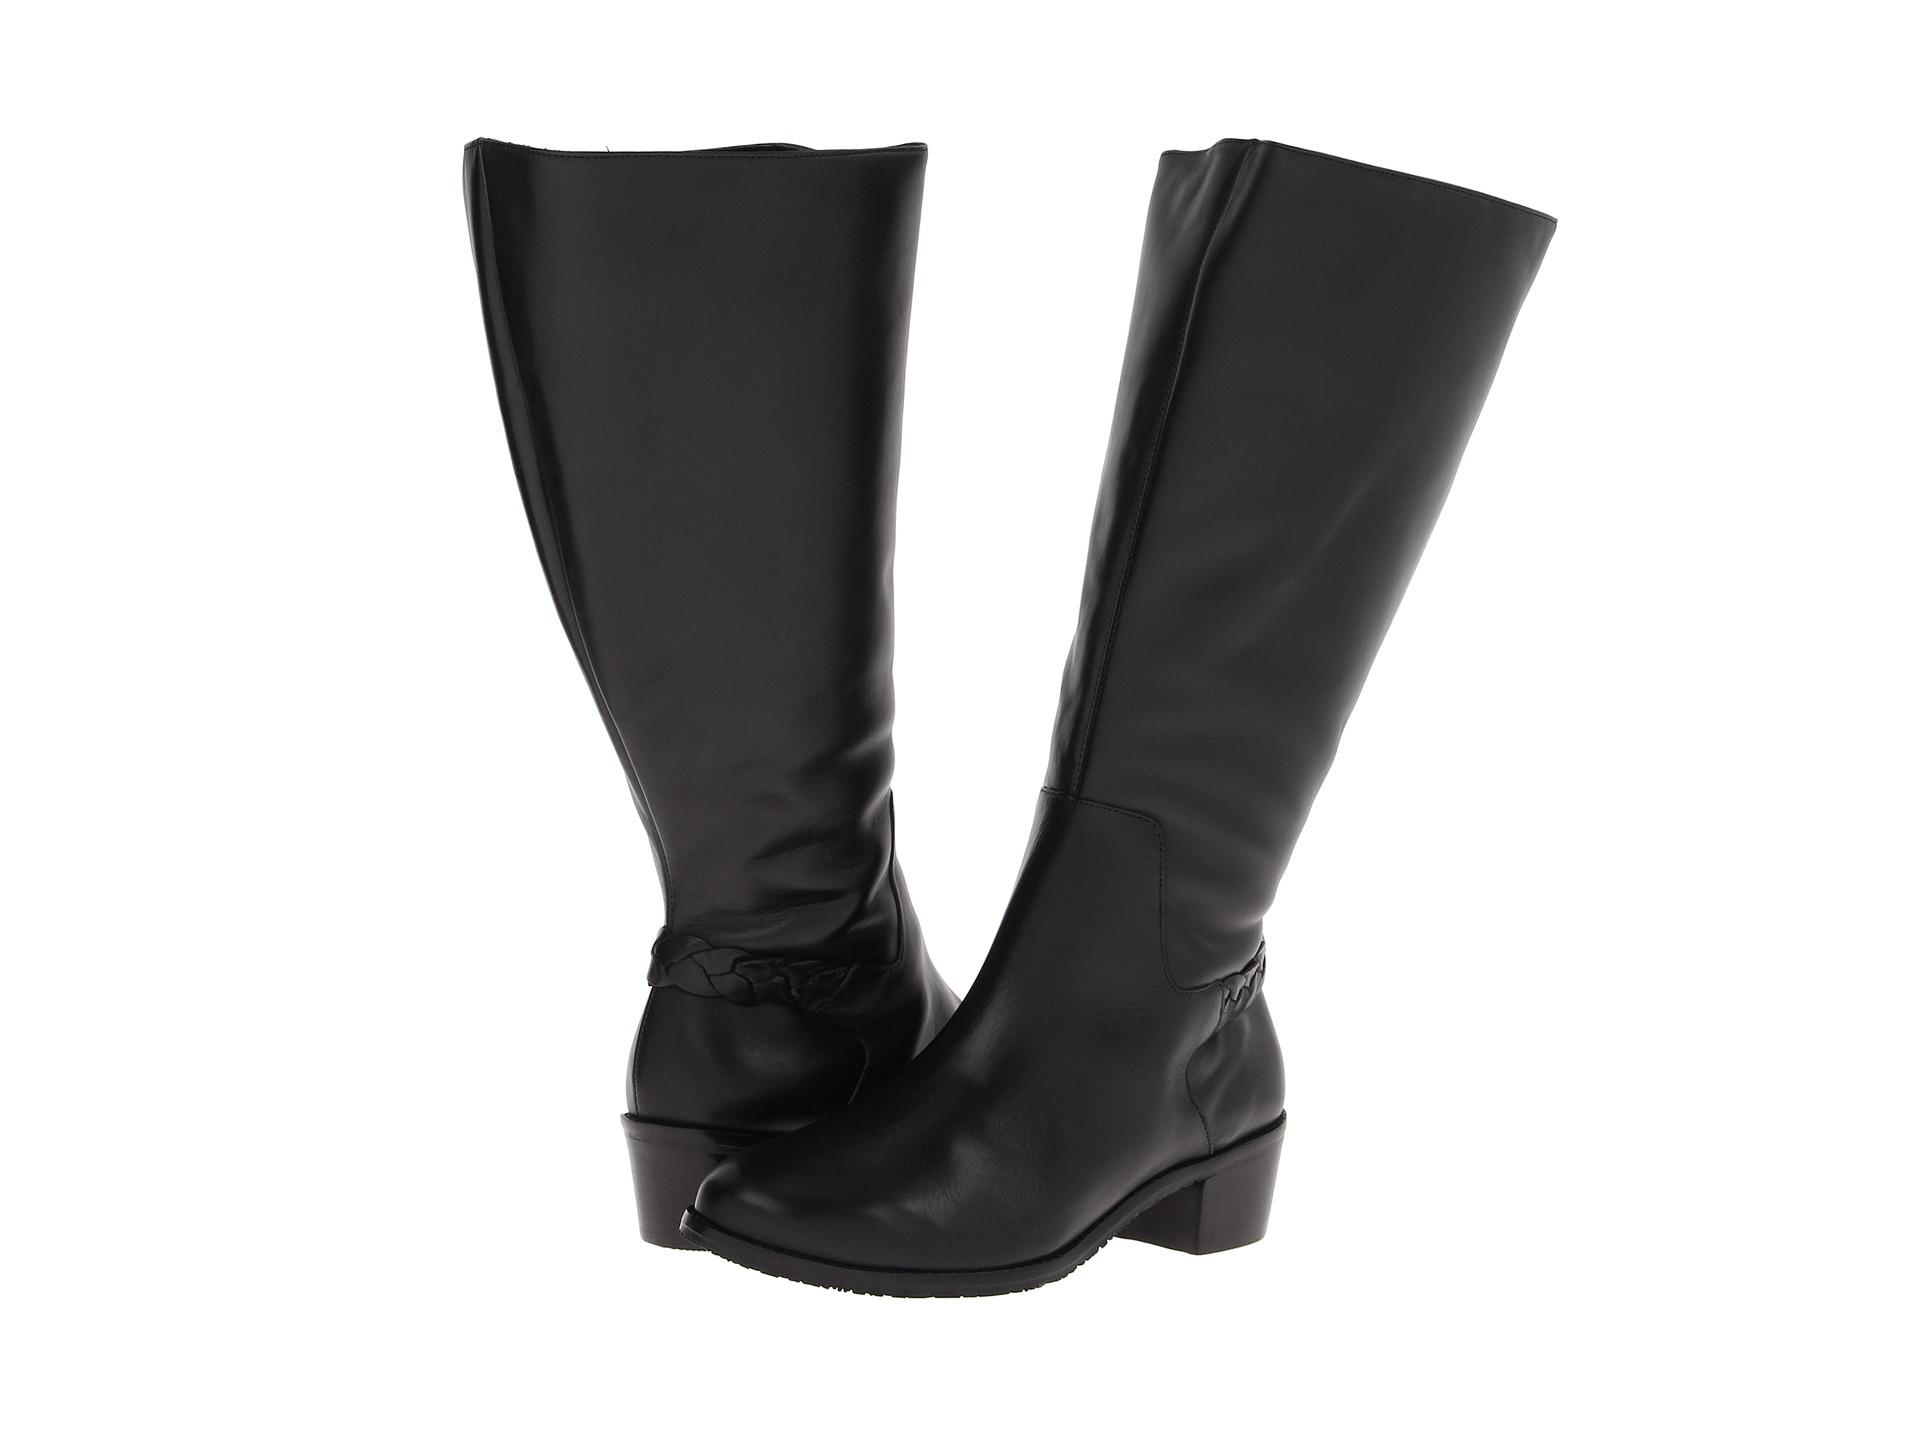 23 Original Womens Riding Boots Wide Calf Sobatapkcom